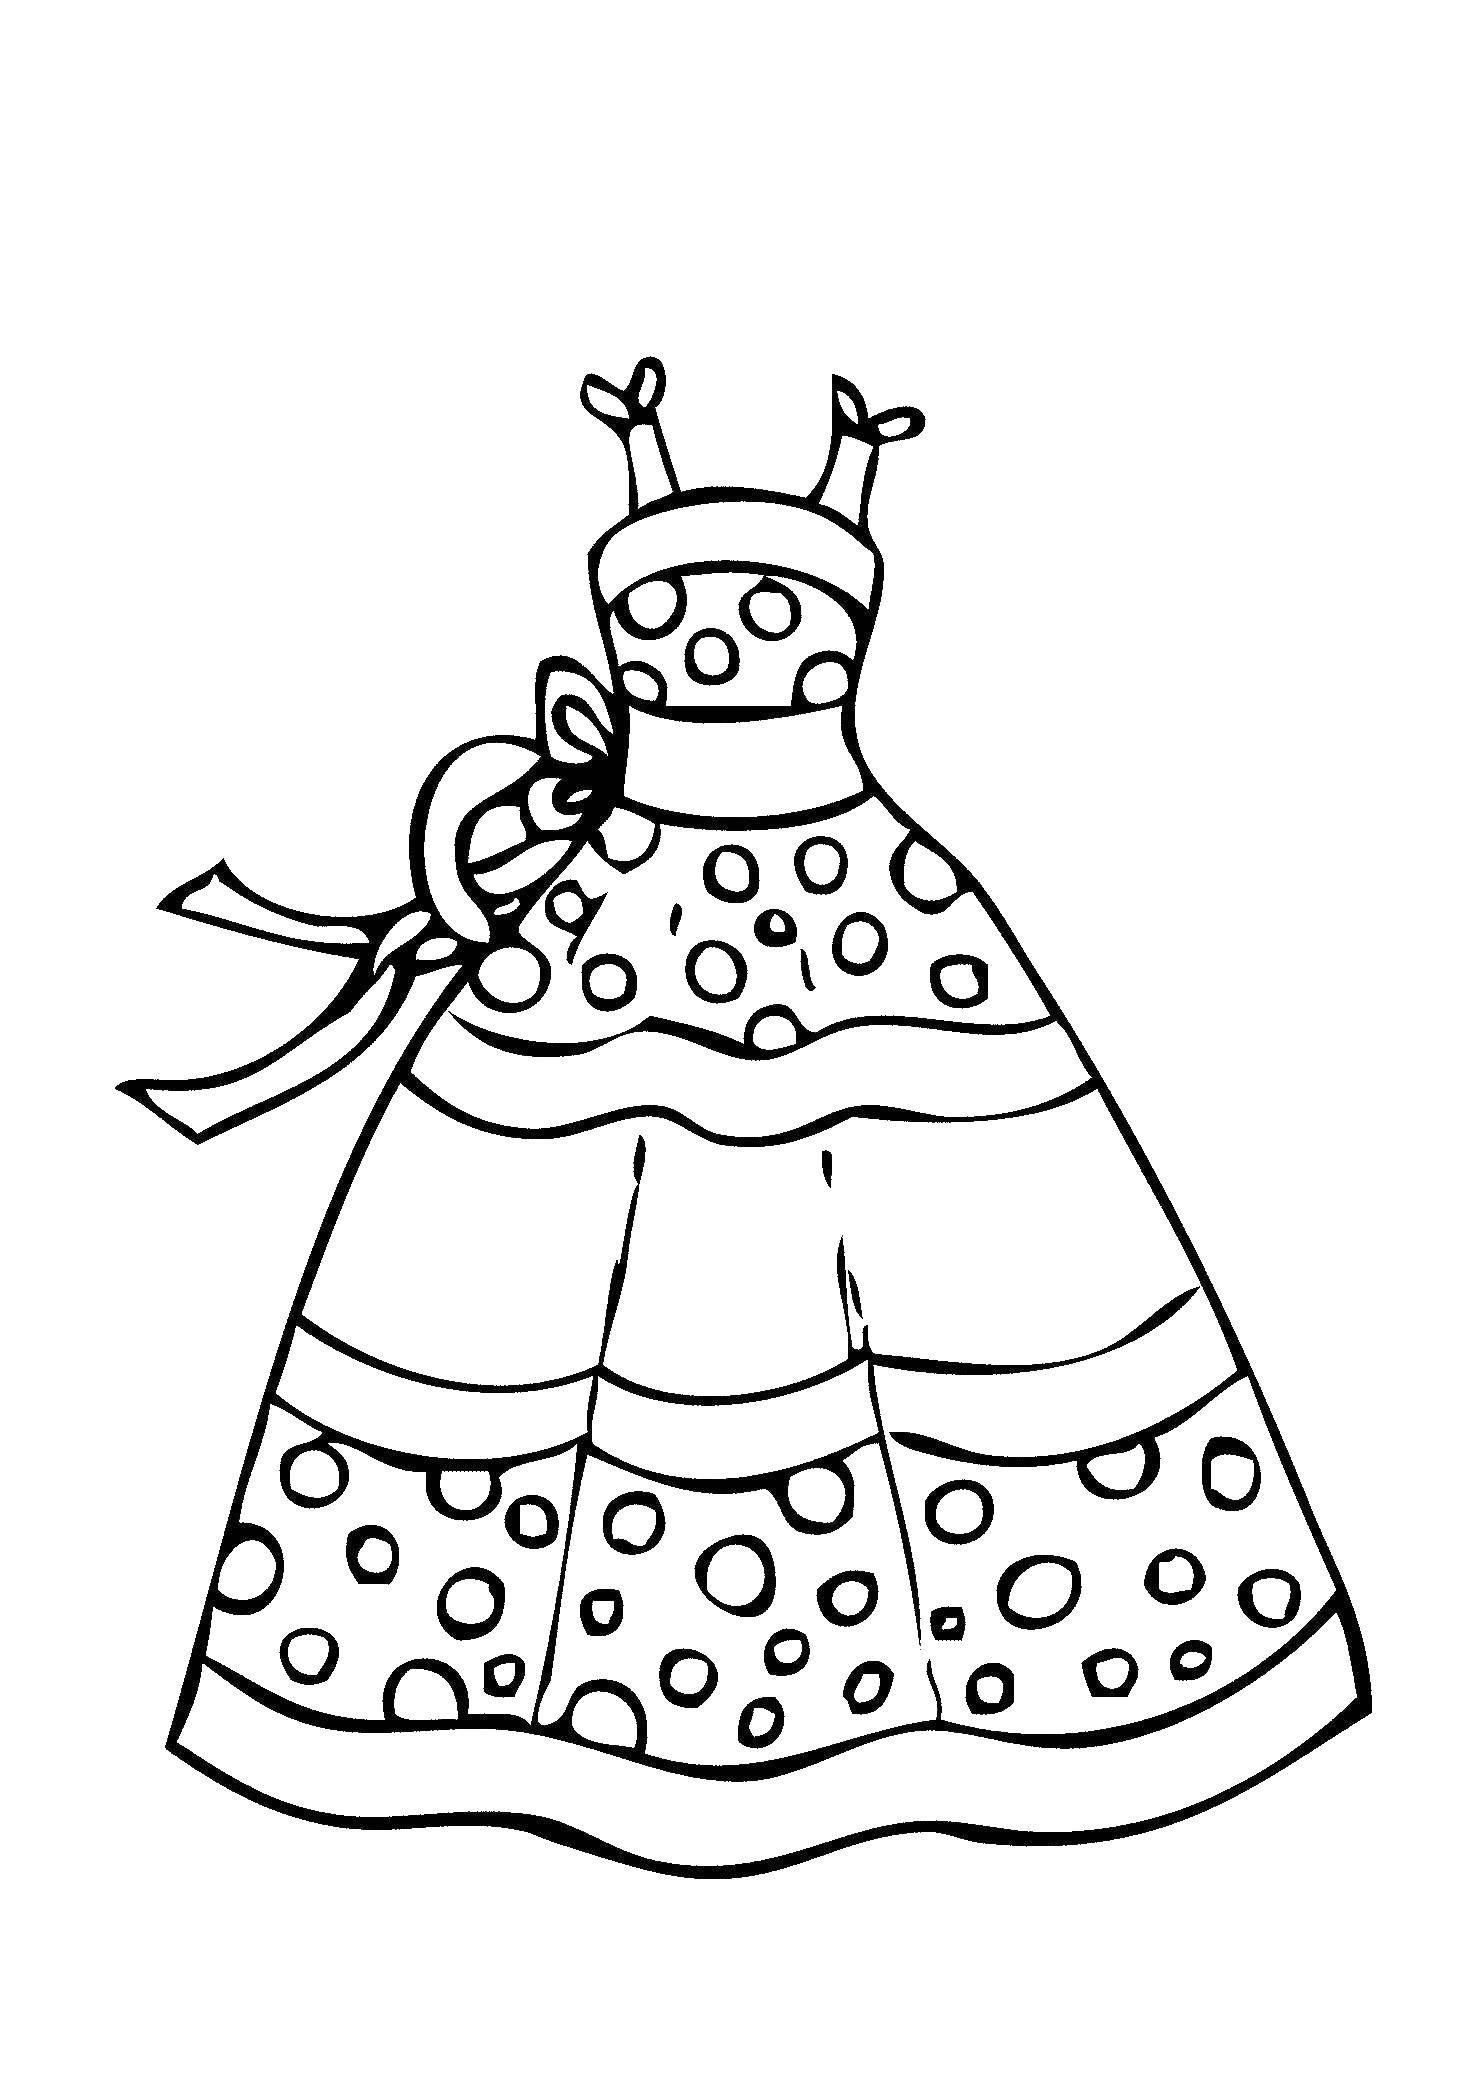 Раскраска Платье в крапинку Скачать Одежда, платье.  Распечатать ,Платья,